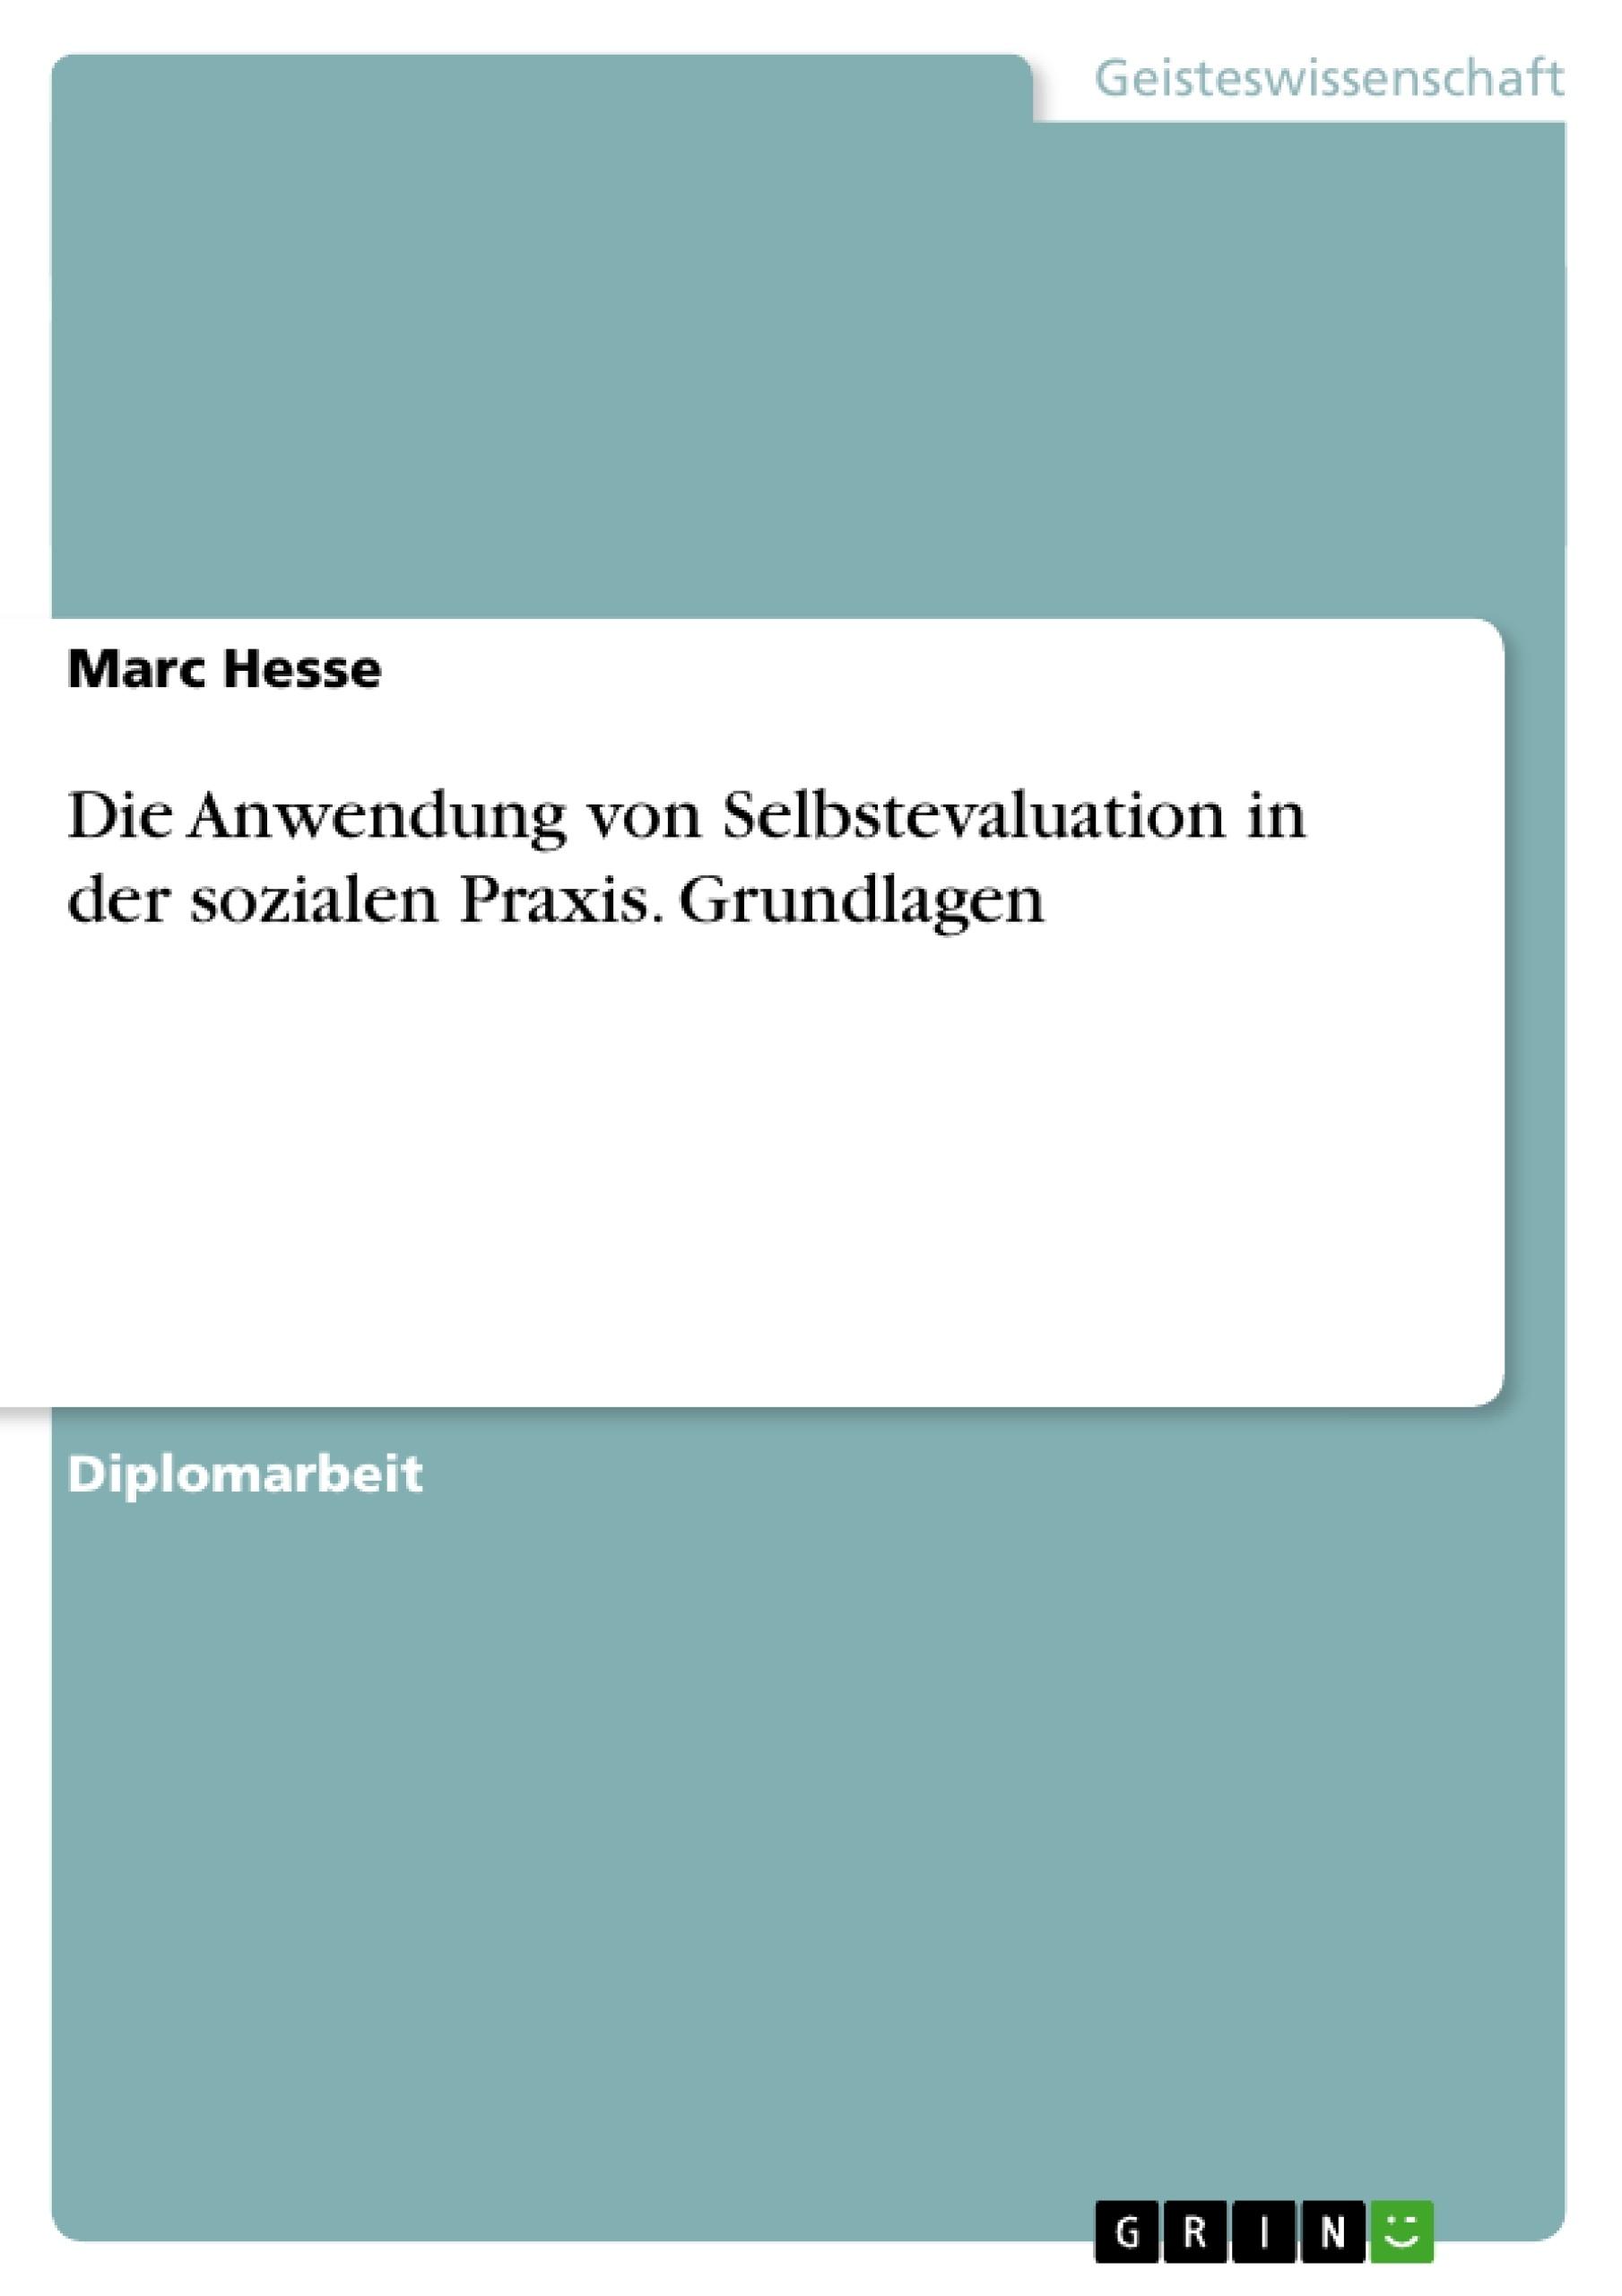 Titel: Die Anwendung von Selbstevaluation in der sozialen Praxis. Grundlagen